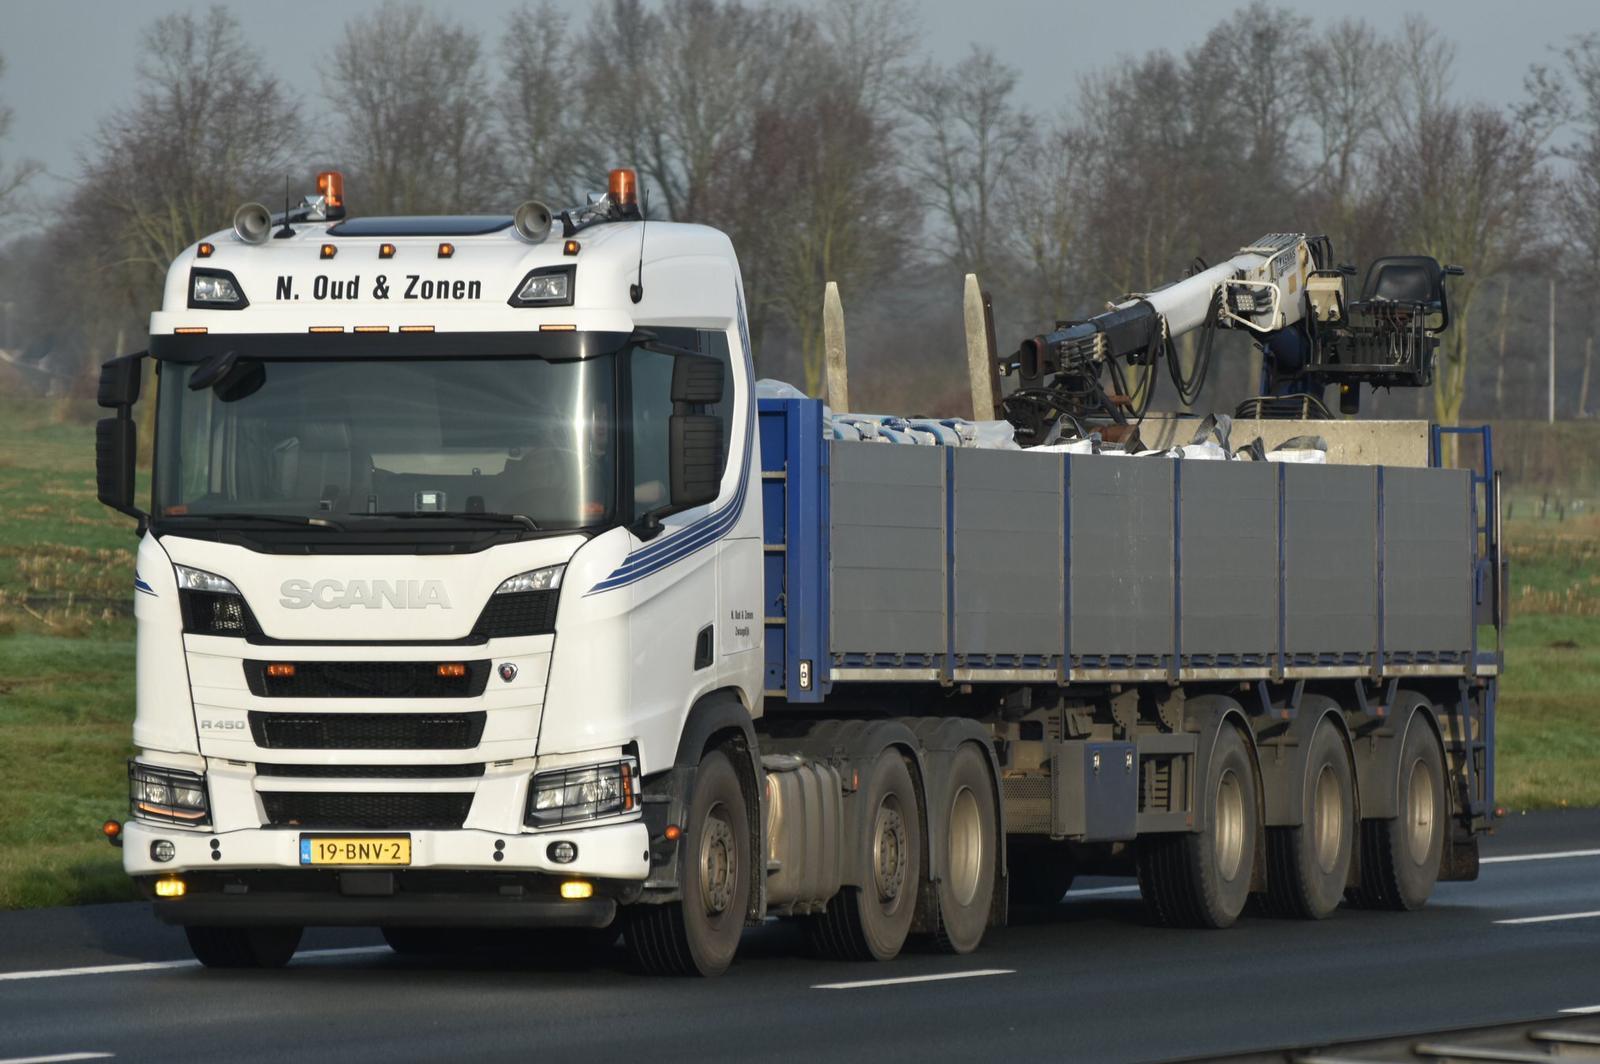 Transportbedrijf Oud in 2020